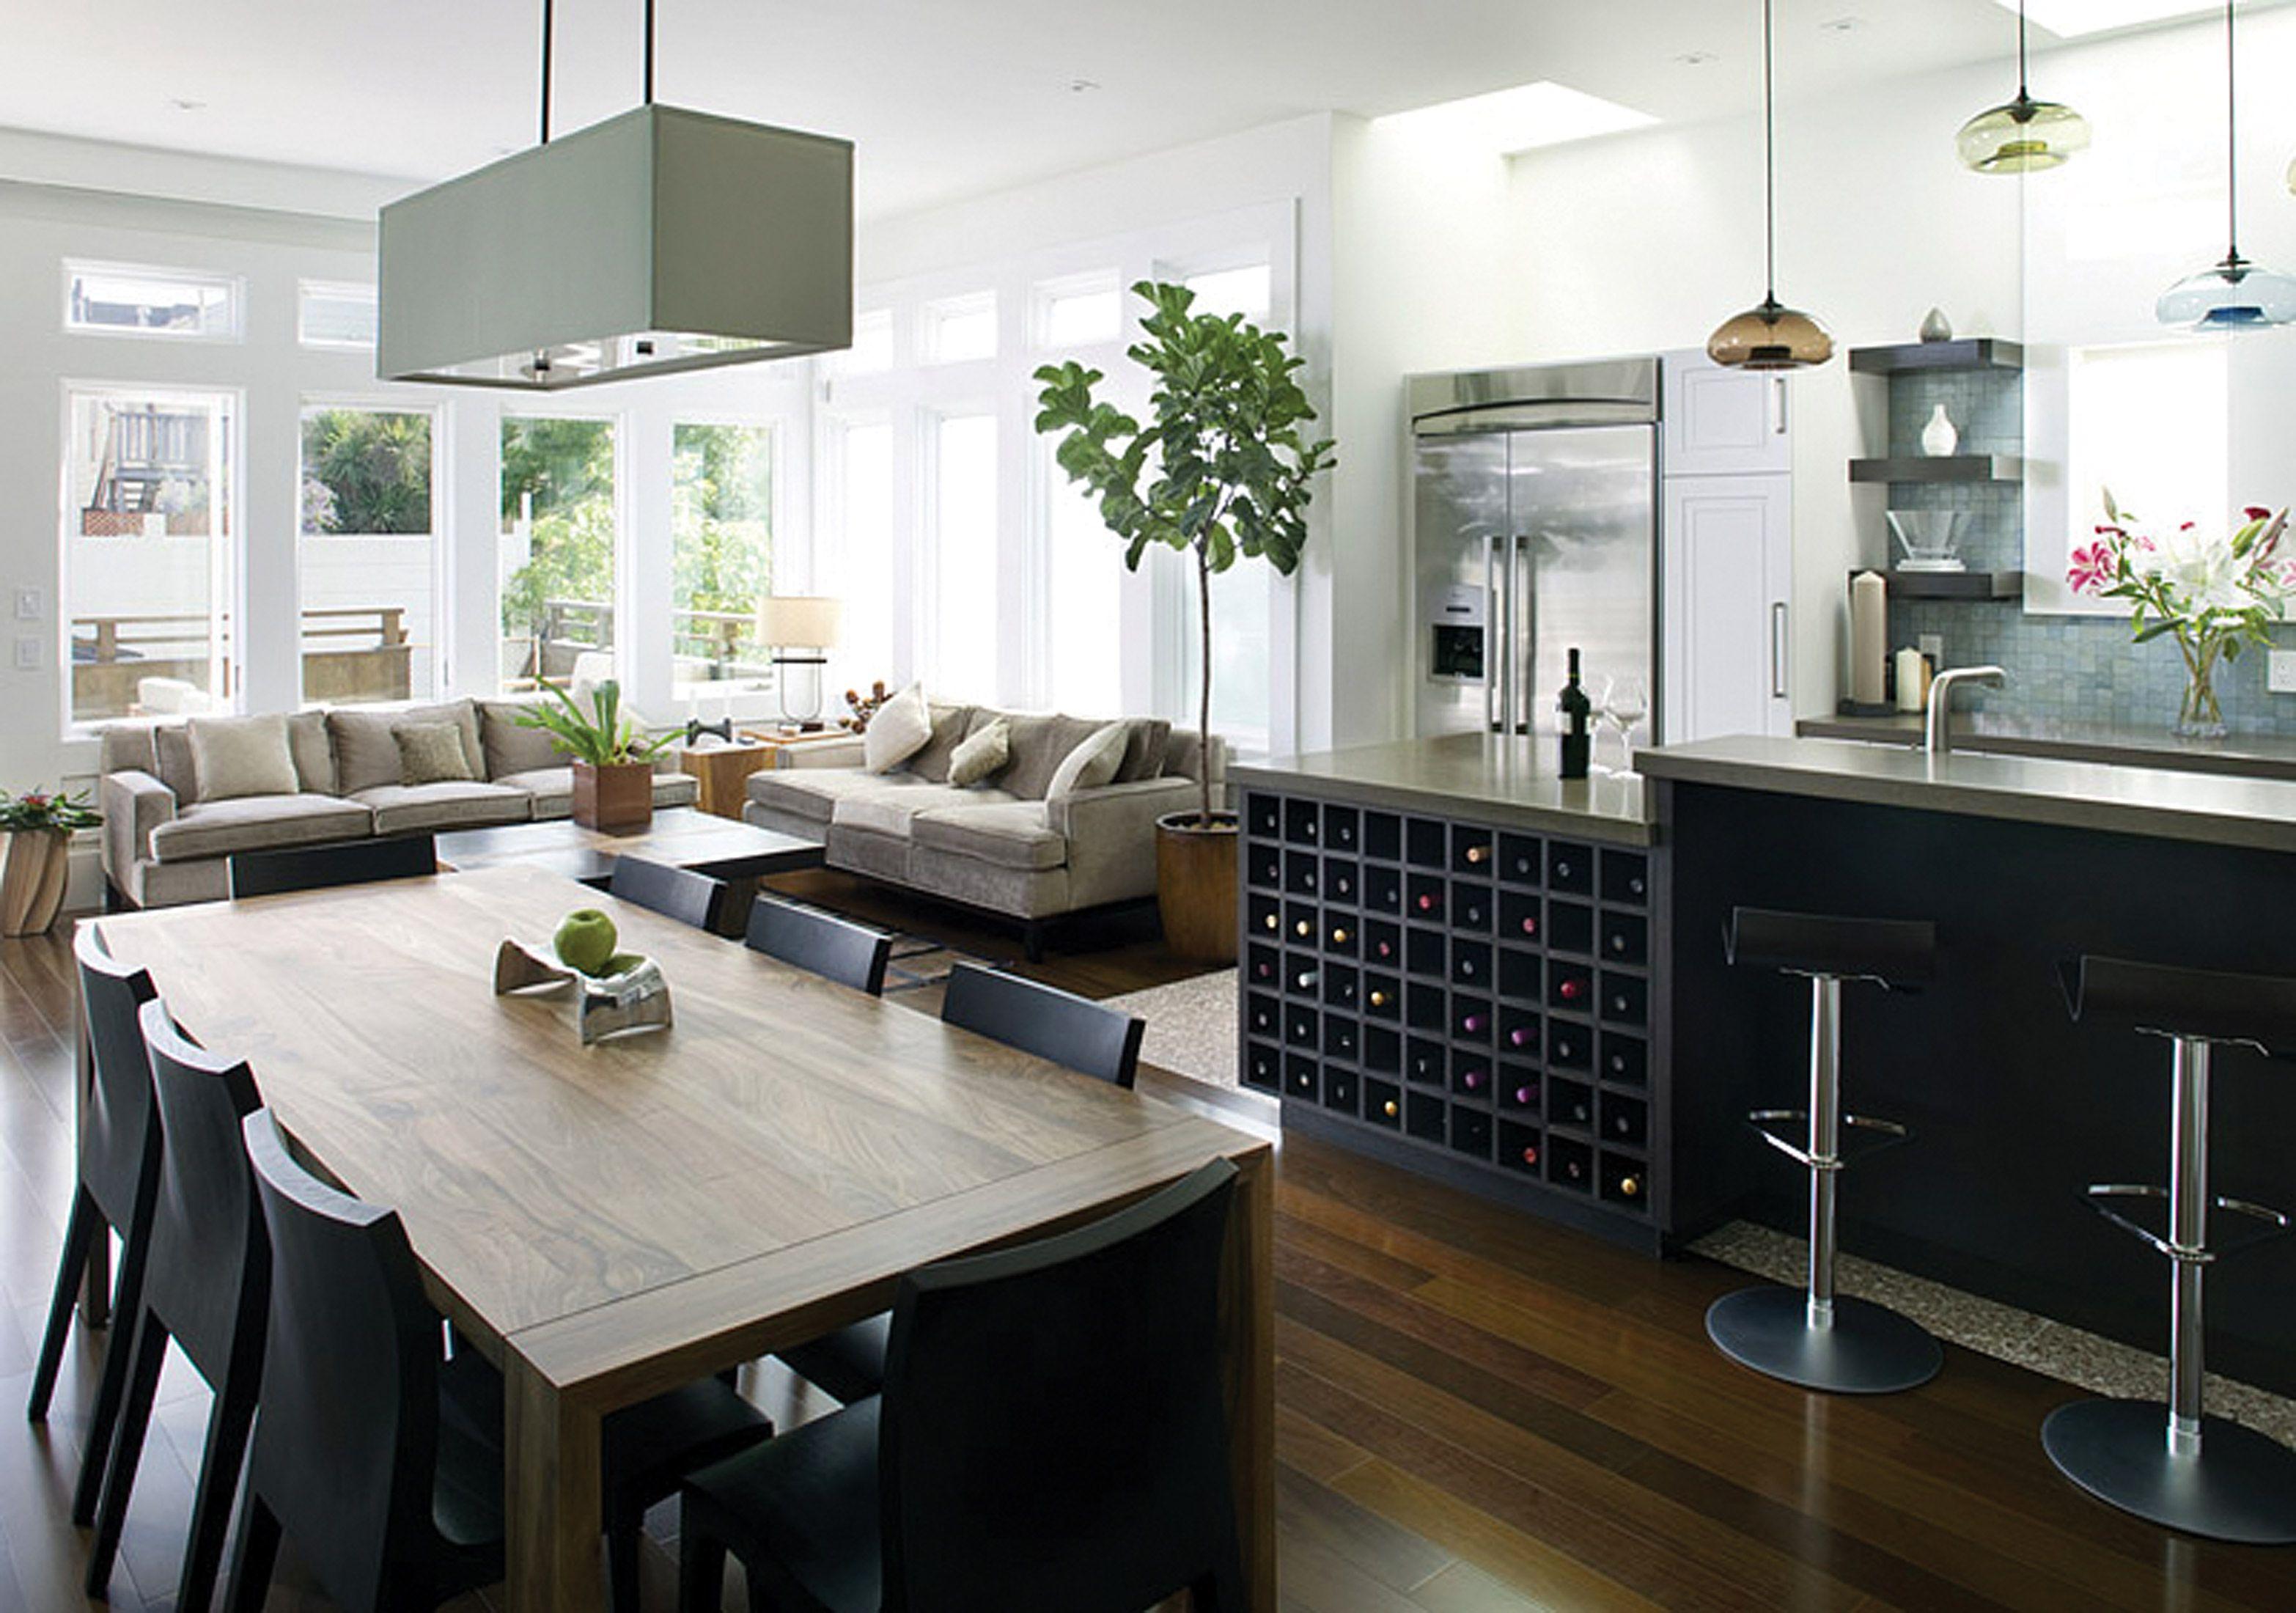 Anhänger Beleuchtung Für Küche Insel - Schlafzimmer | Hausmodelle ...